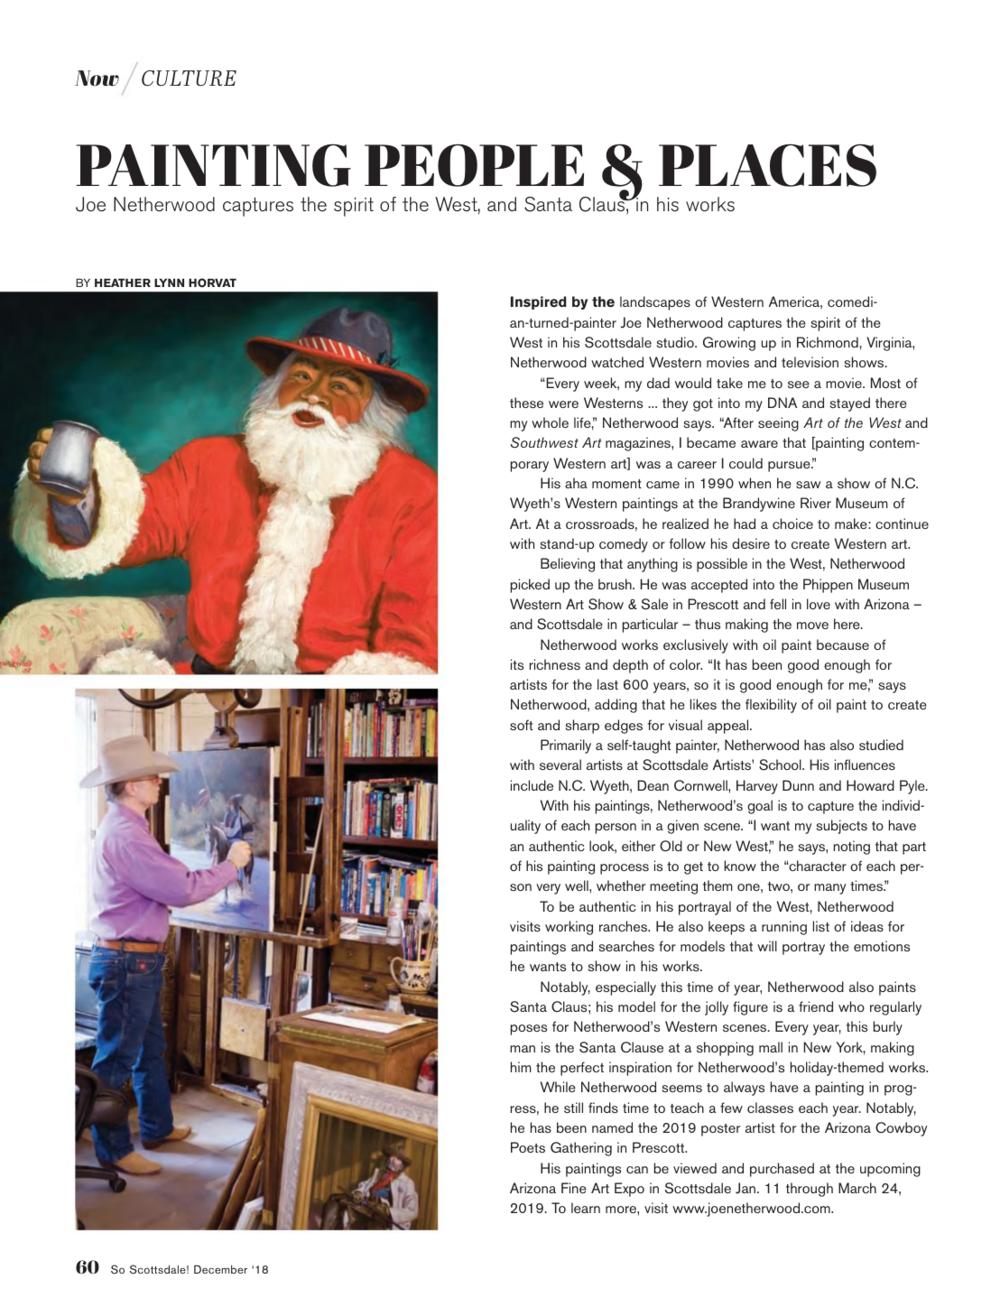 Joe Netherwood - So Scottsdale Magazine, December 2018 Issue. Page 60